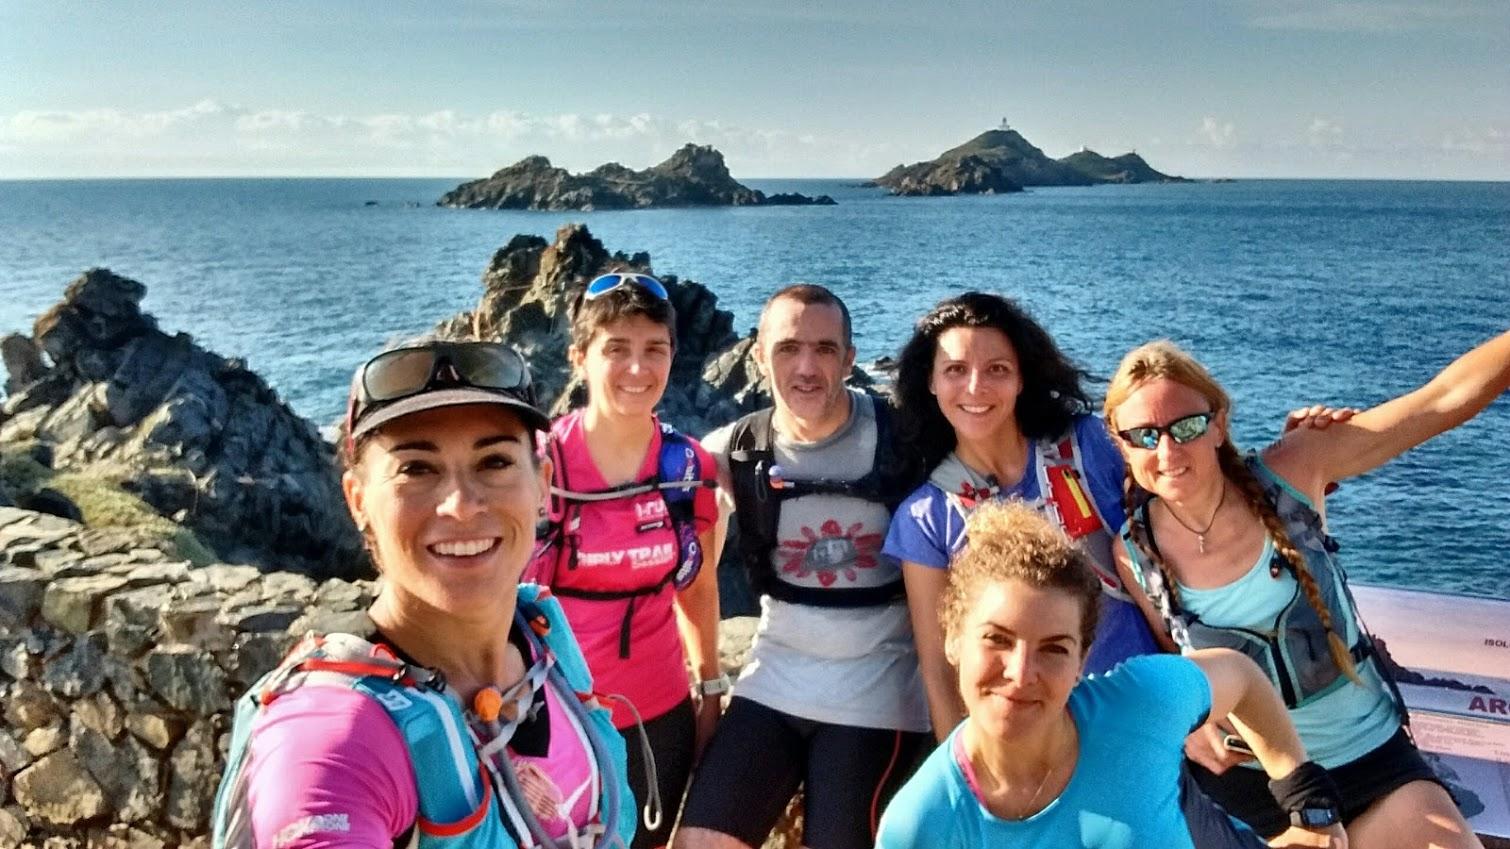 sejour-trail-corse-vibrez-montagne-28